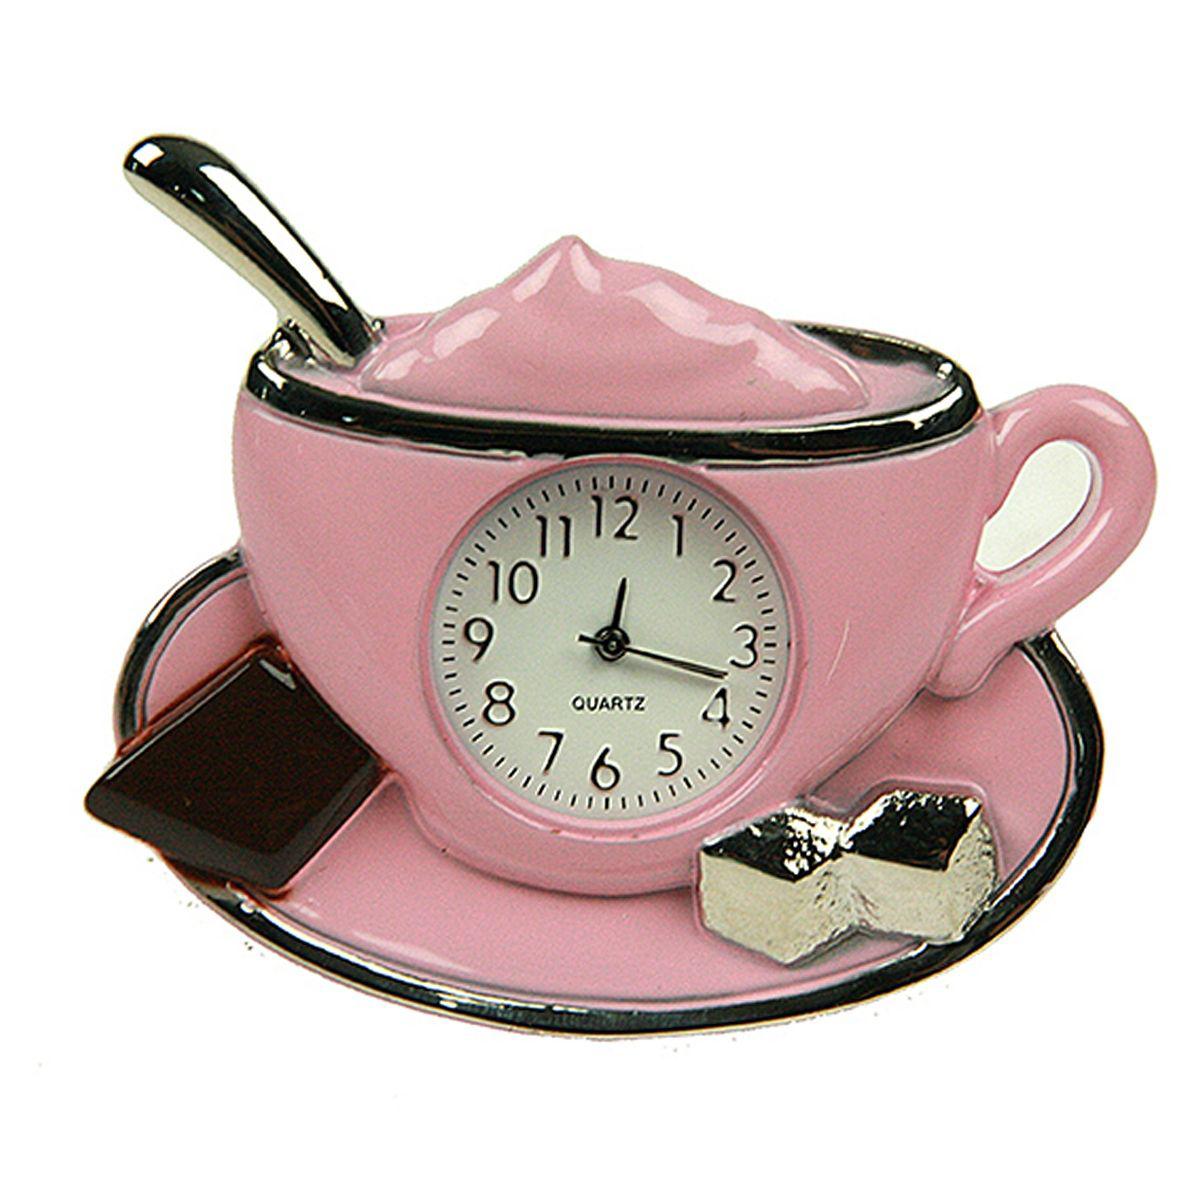 Часы настольные Русские Подарки Капучино. 2243622436Настольные кварцевые часы Русские Подарки Капучино изготовлены из металла. Корпус оригинально оформлен в виде чашечки кофе. Часы имеют три стрелки - часовую, минутную и секундную.Изящные часы украсят интерьер дома или рабочий стол в офисе. Также часы могут стать уникальным, полезным подарком для родственников, коллег, знакомых и близких.Часы работают от батареек типа SR626 (в комплект не входят).